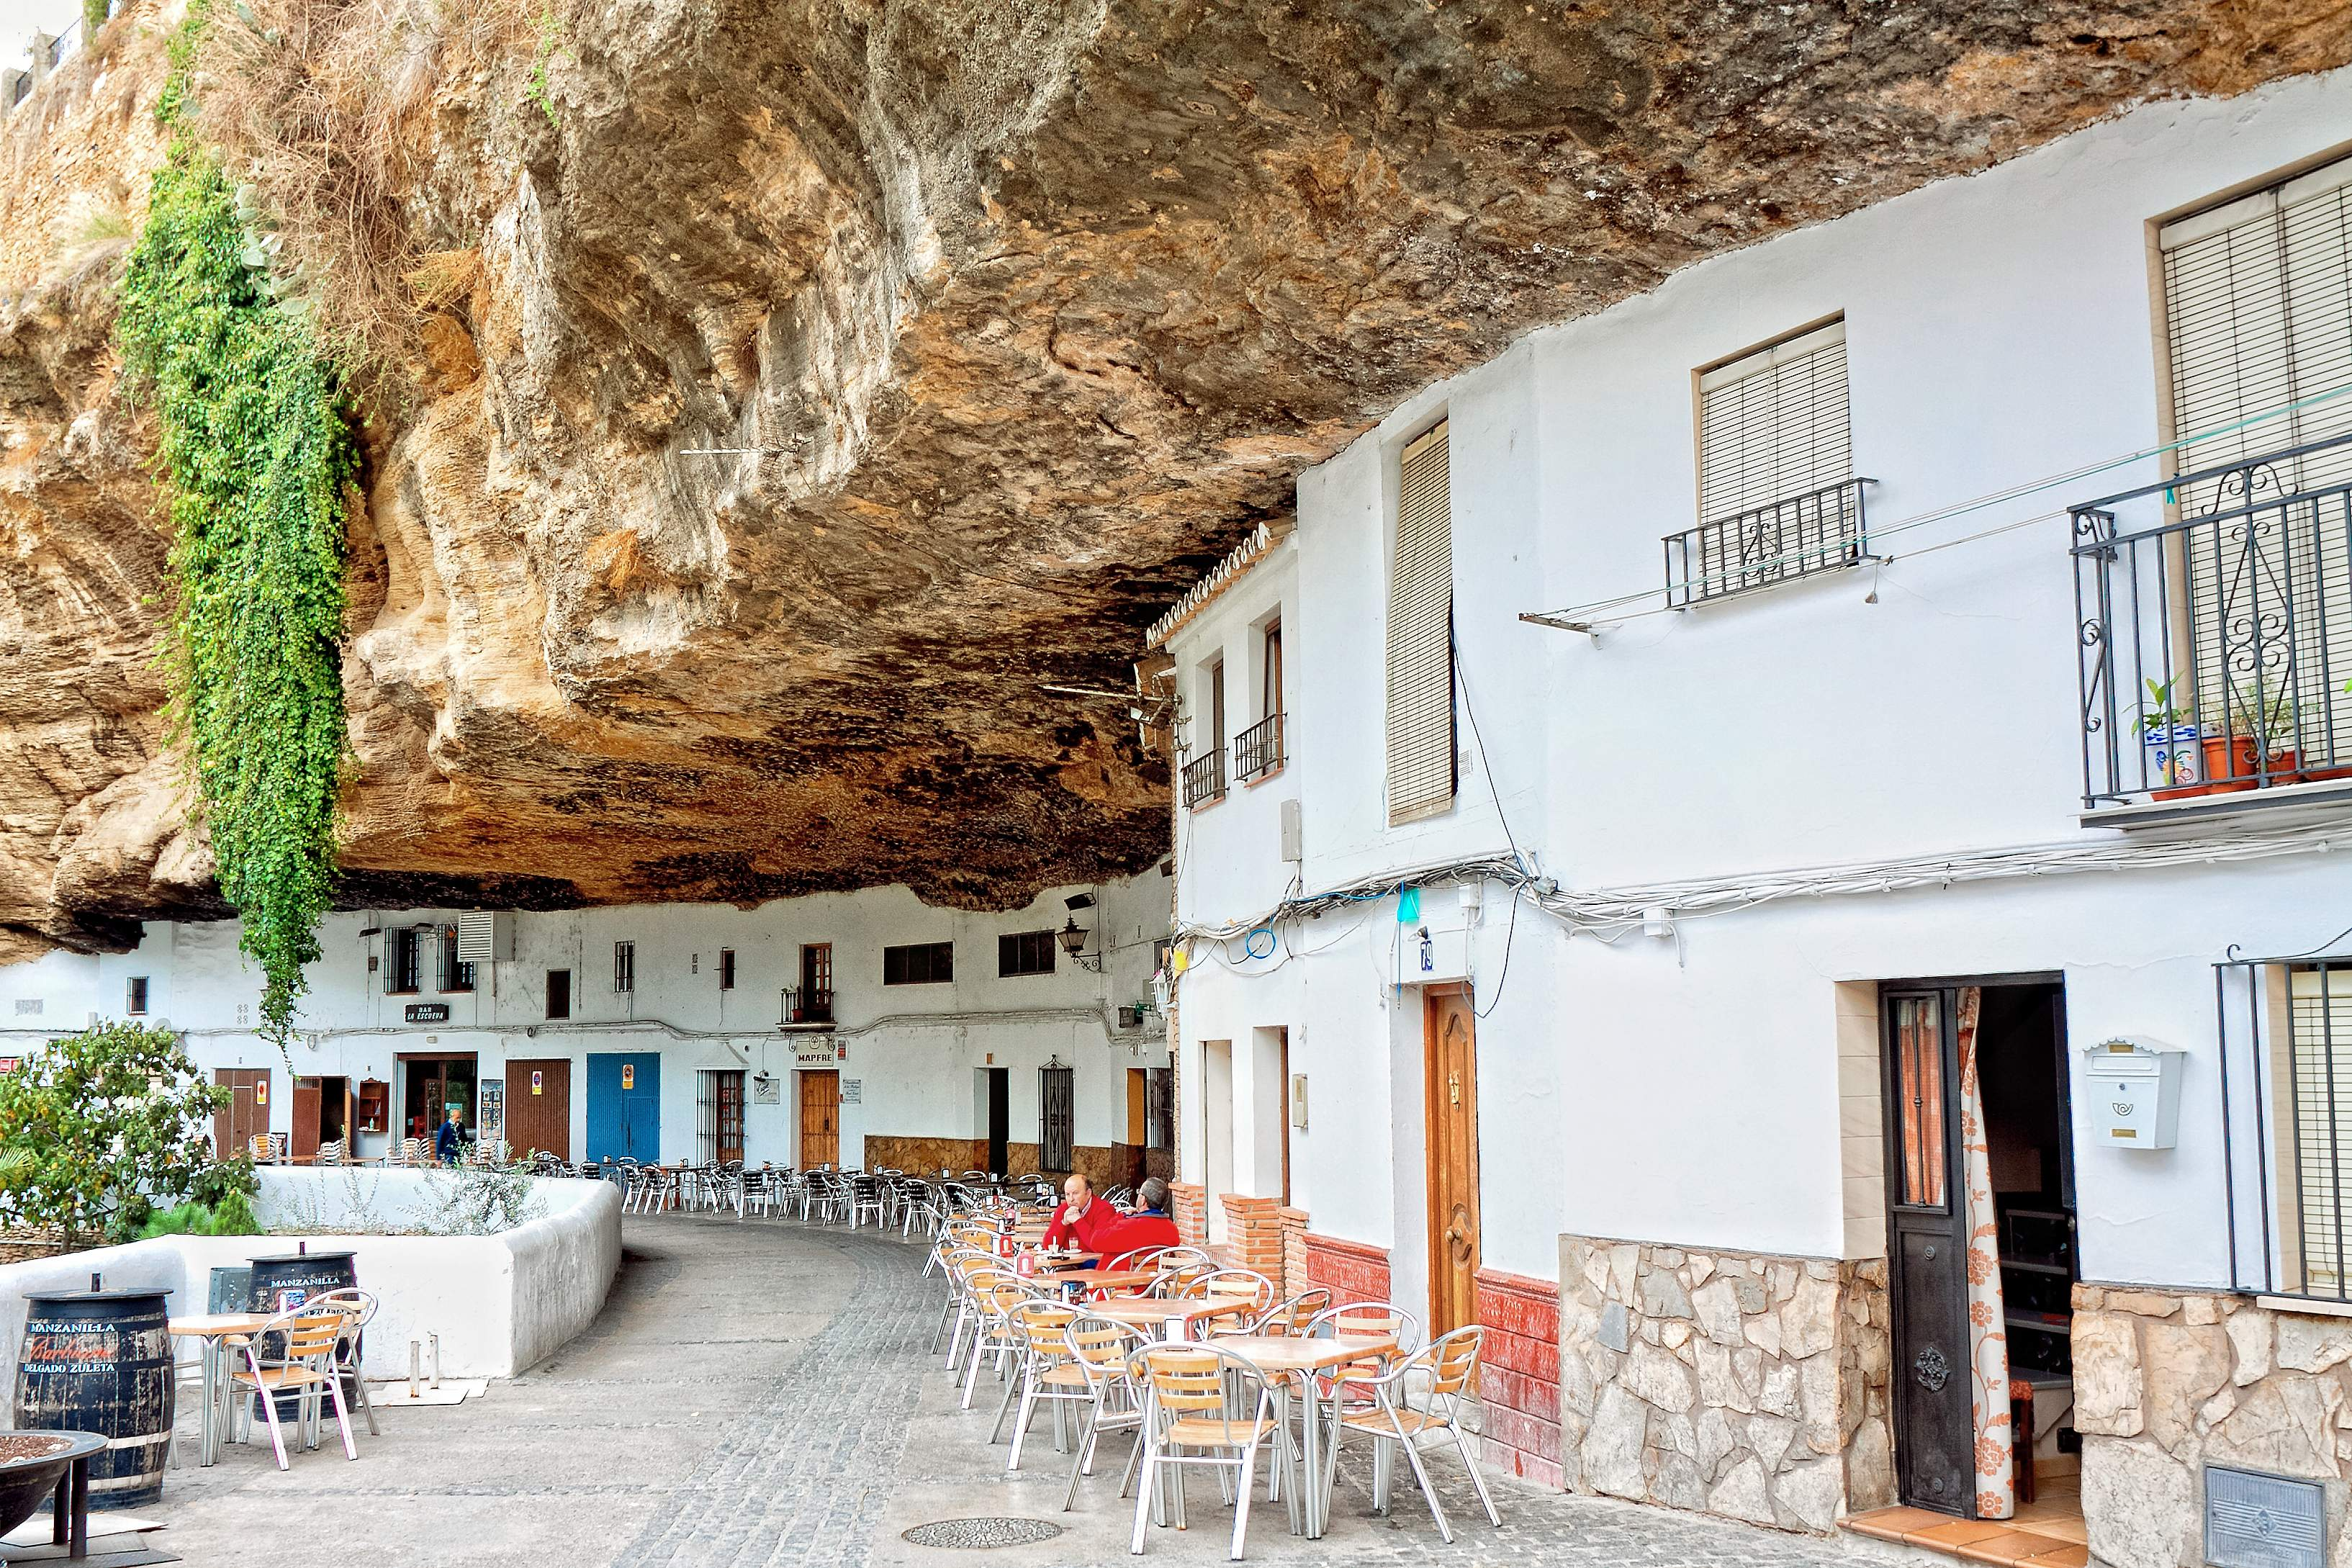 Los 10 pueblos más buscadas de España en 2018 para hacer turismo rural